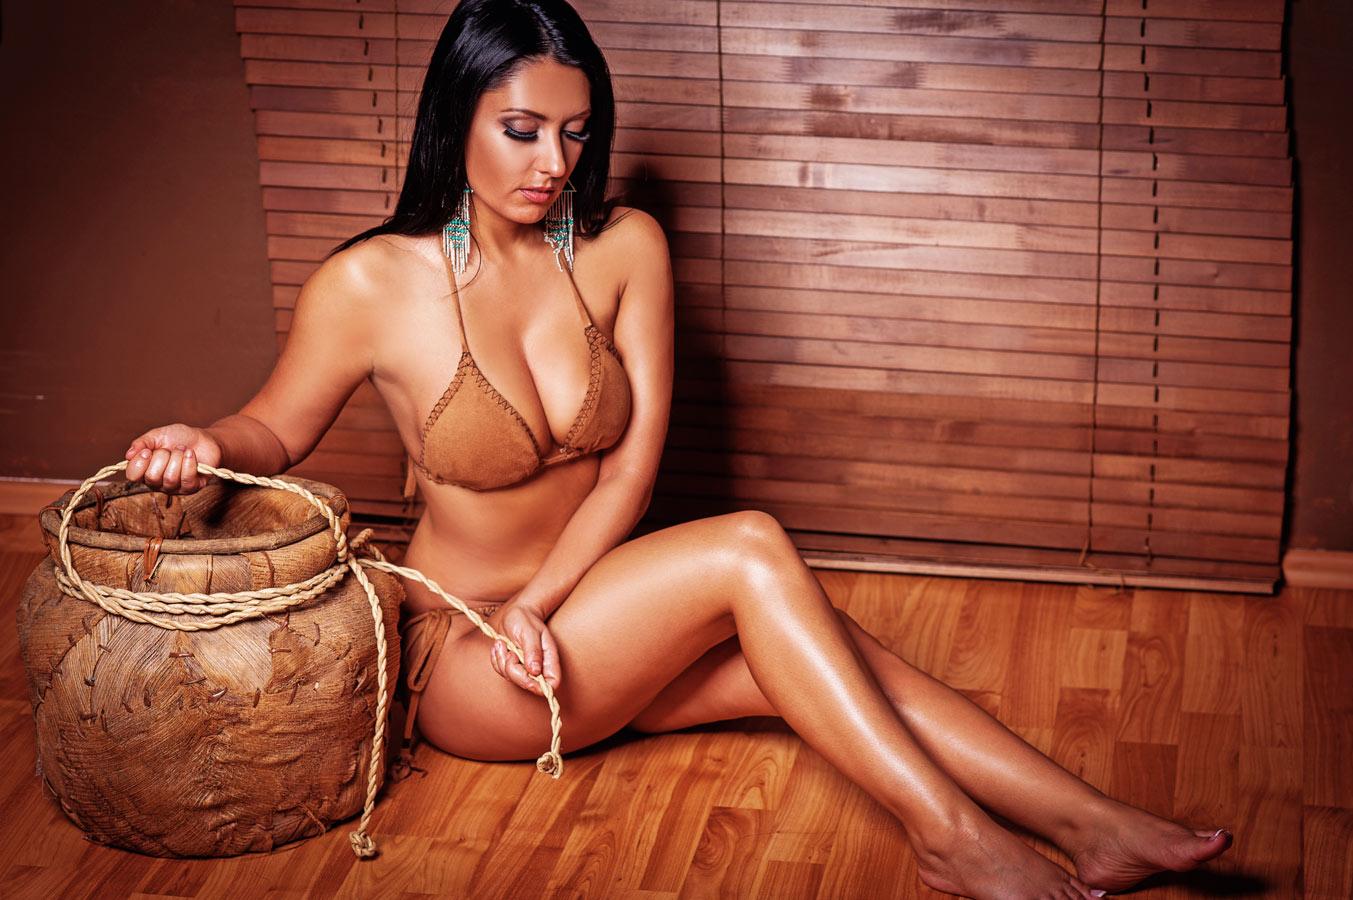 budapest lingam massage jyväskylän hierontakoulu